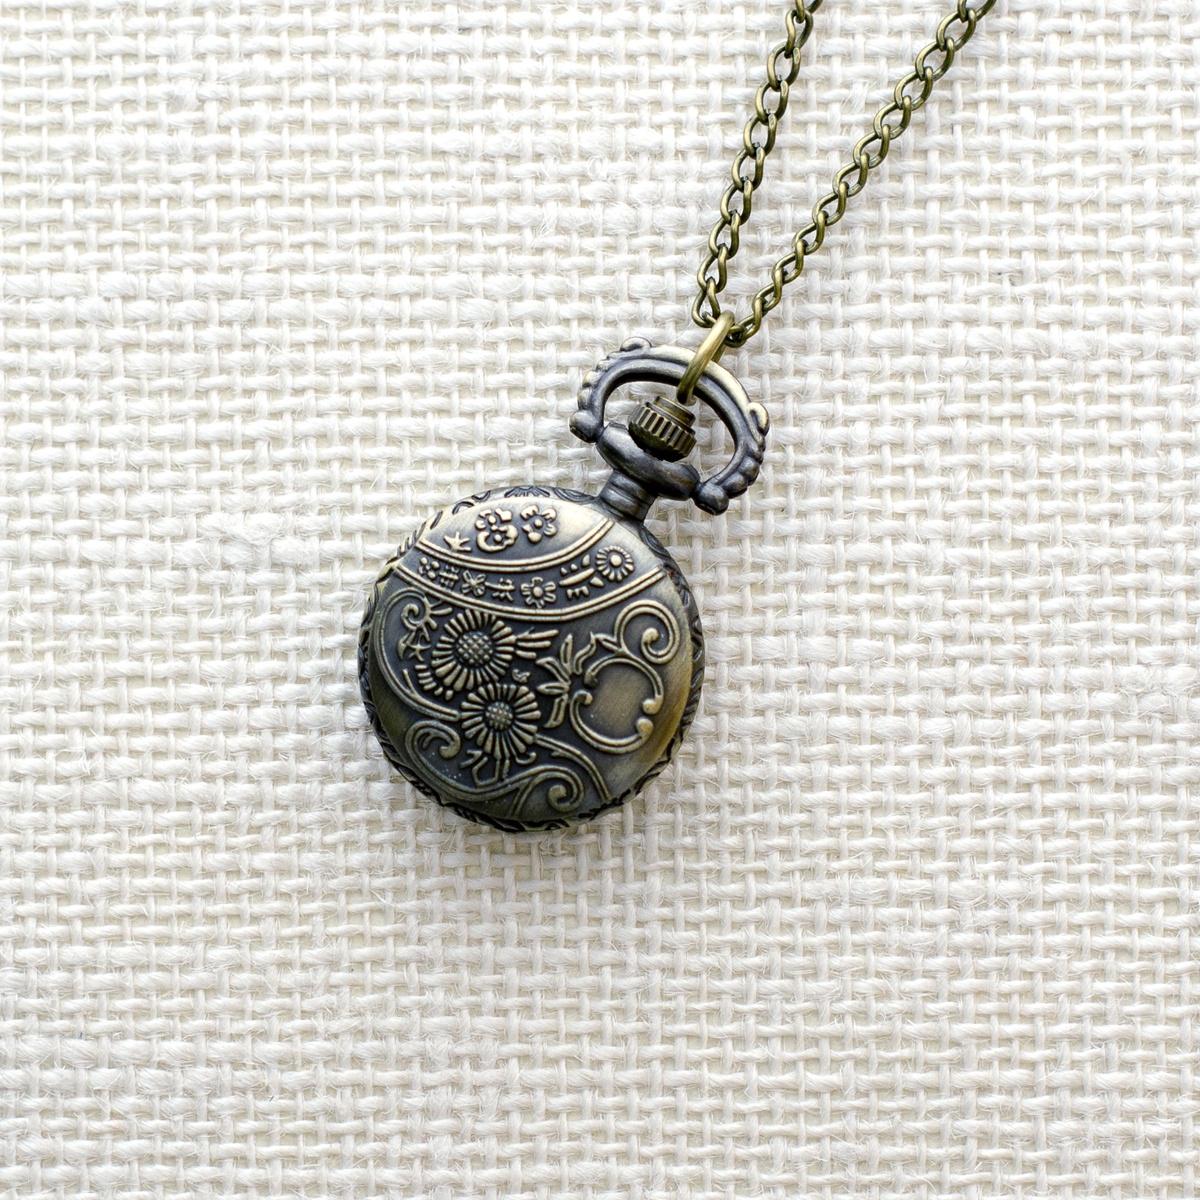 Карманные часы Mitya Veselkov ANTIK078, бронза полые бронзовый античный китайского зодиака тигр чувствительных ожерелье кулон карманные часы